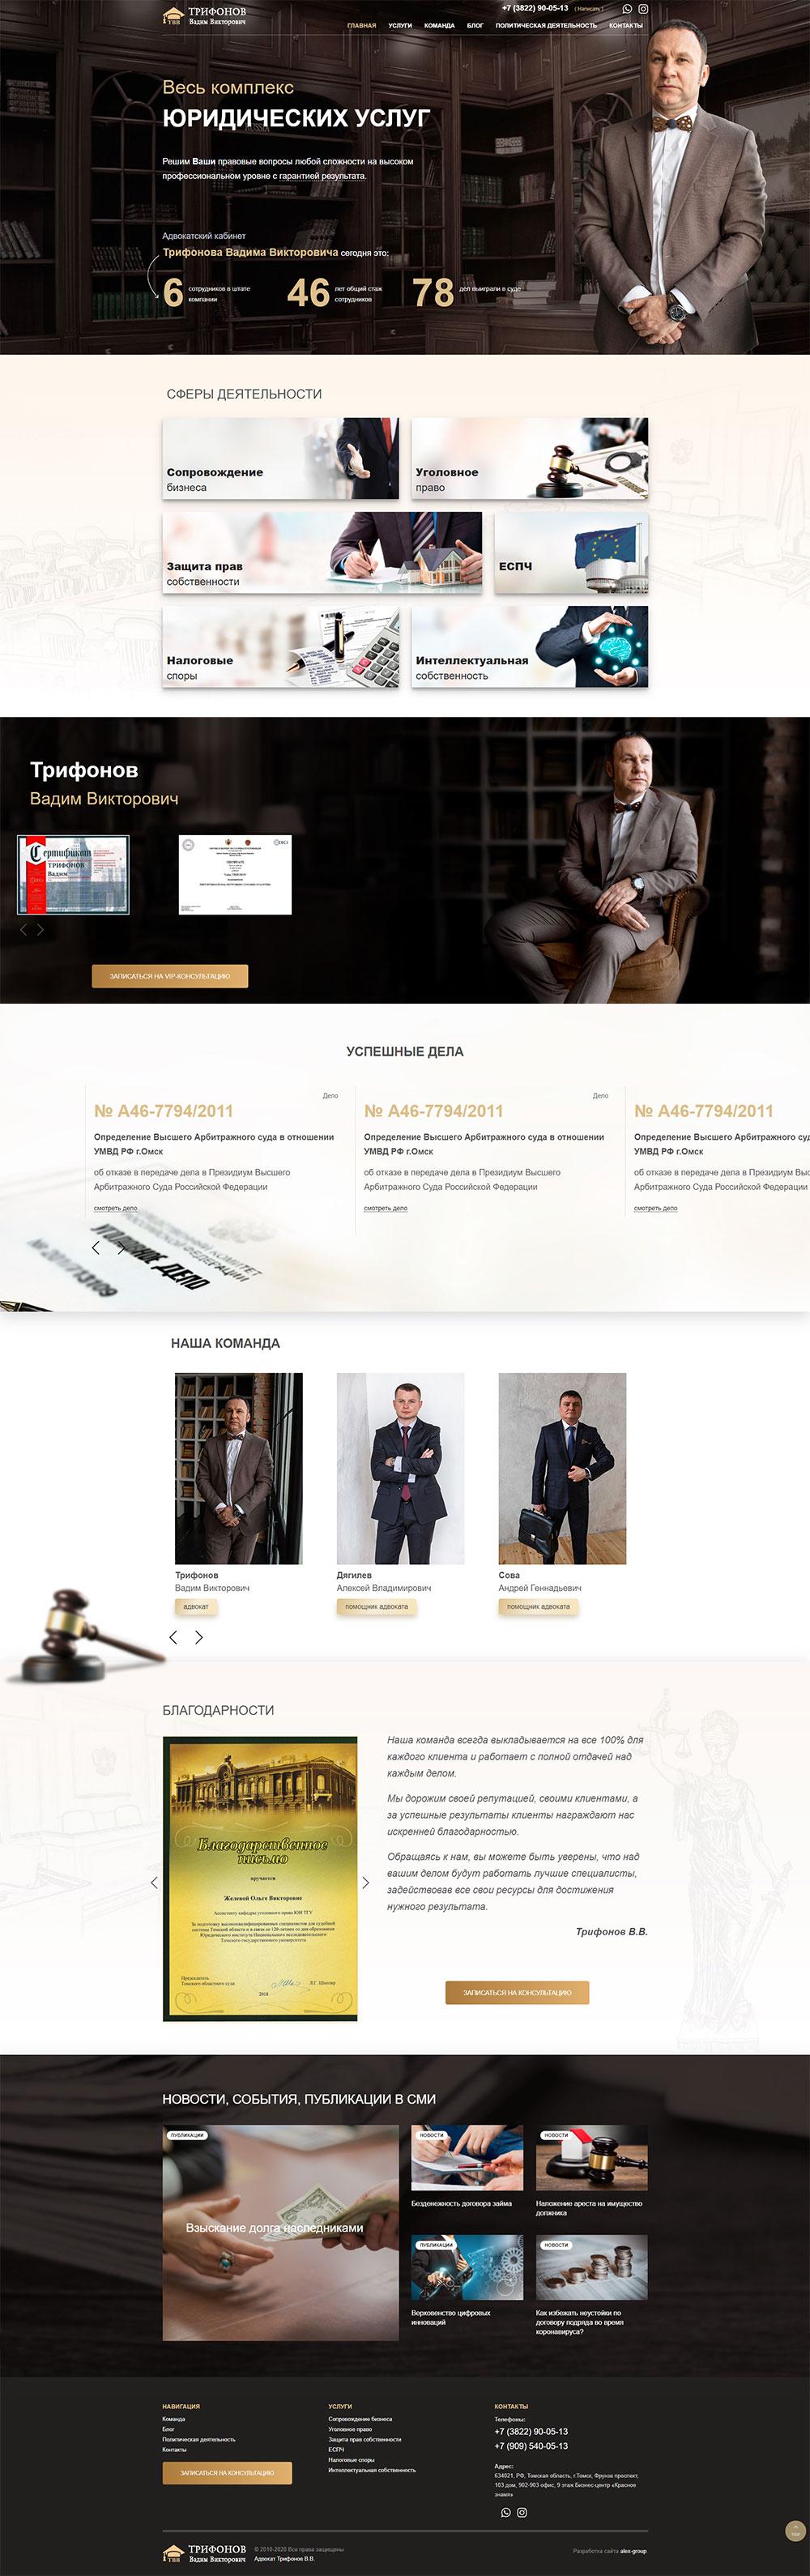 сайт для адвоката Трифонова